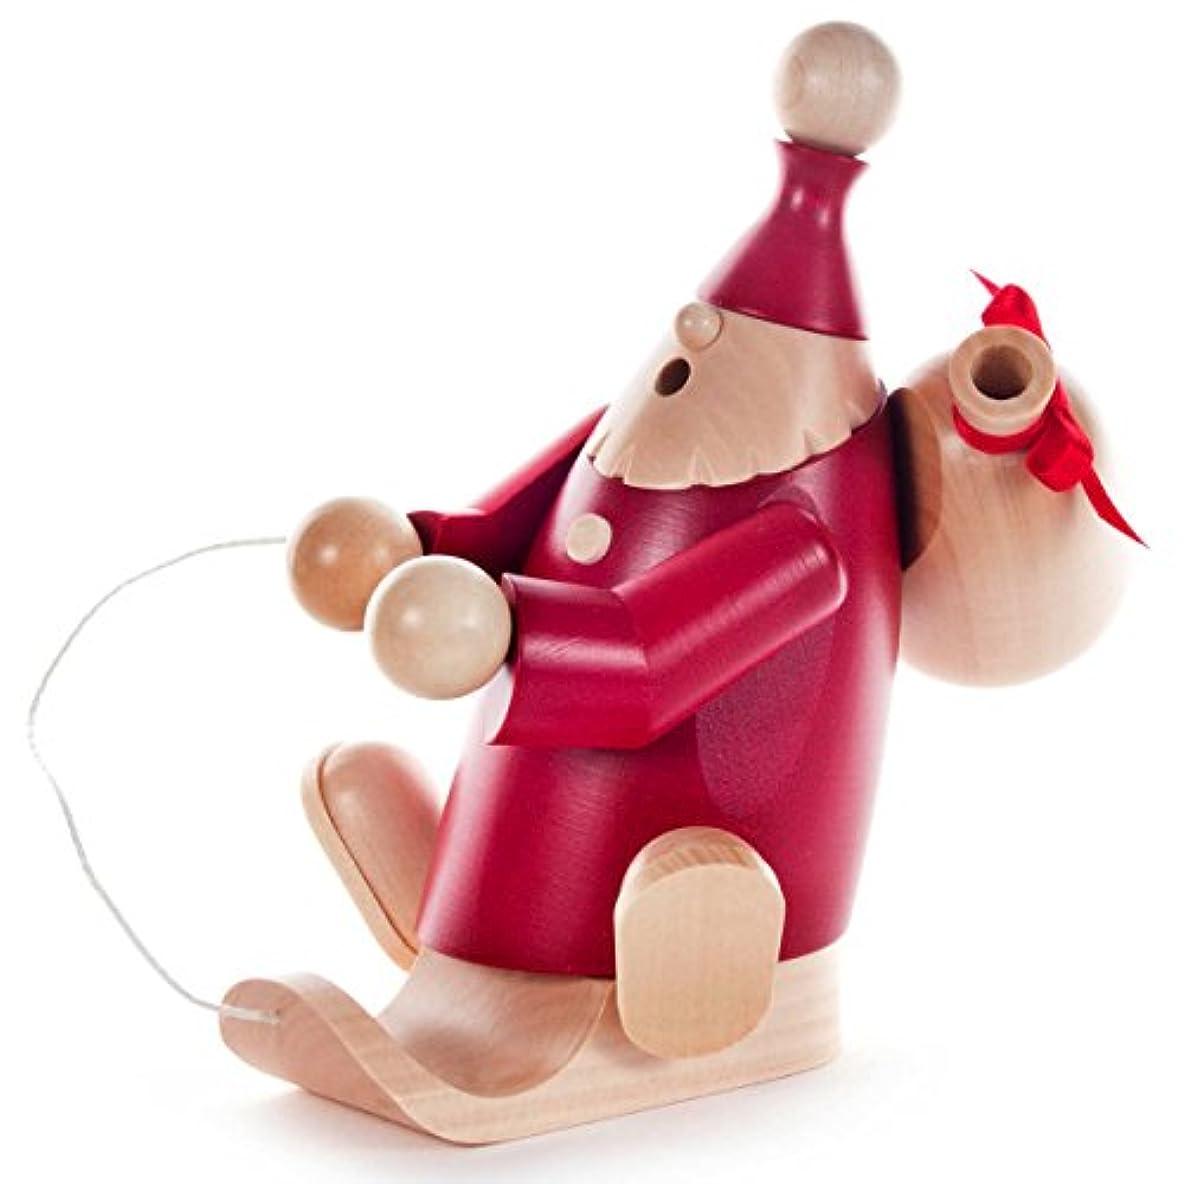 納税者デザイナーすべき赤そりサンタ袋ドイツSmoker – 6 / 34インチTall – ドイツ製